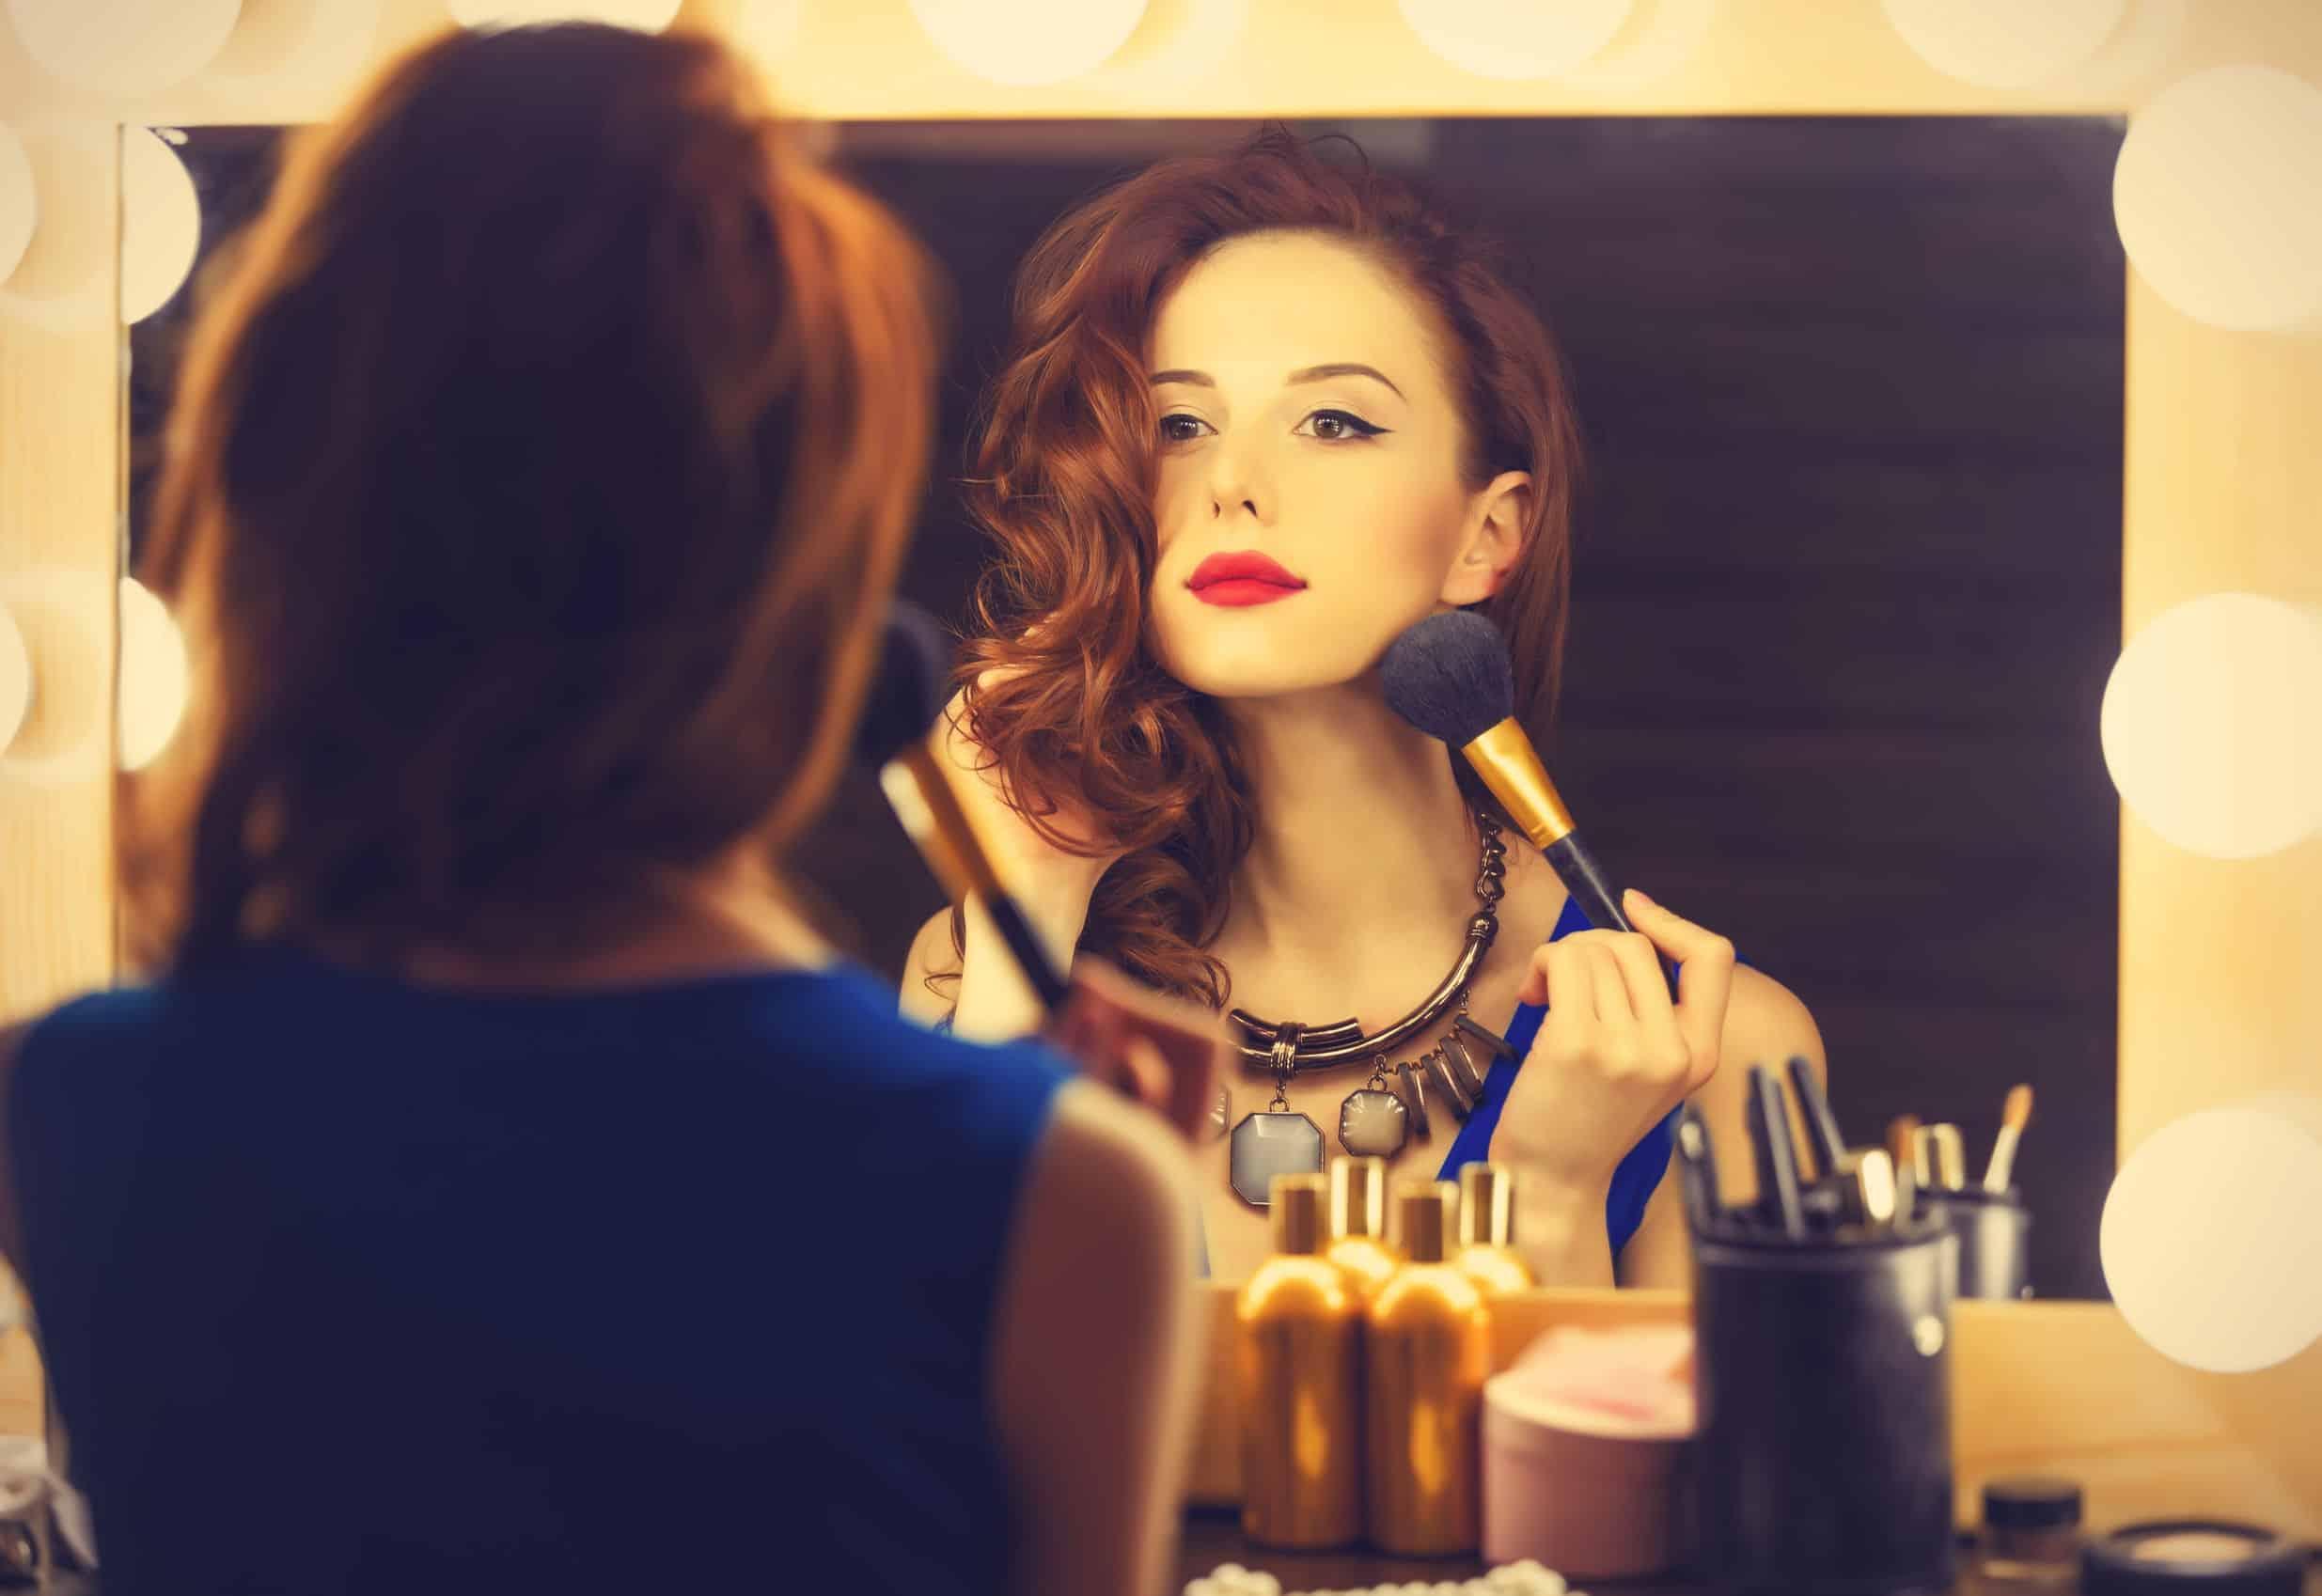 Imagem de mulher se maquiando em frente a espelho.